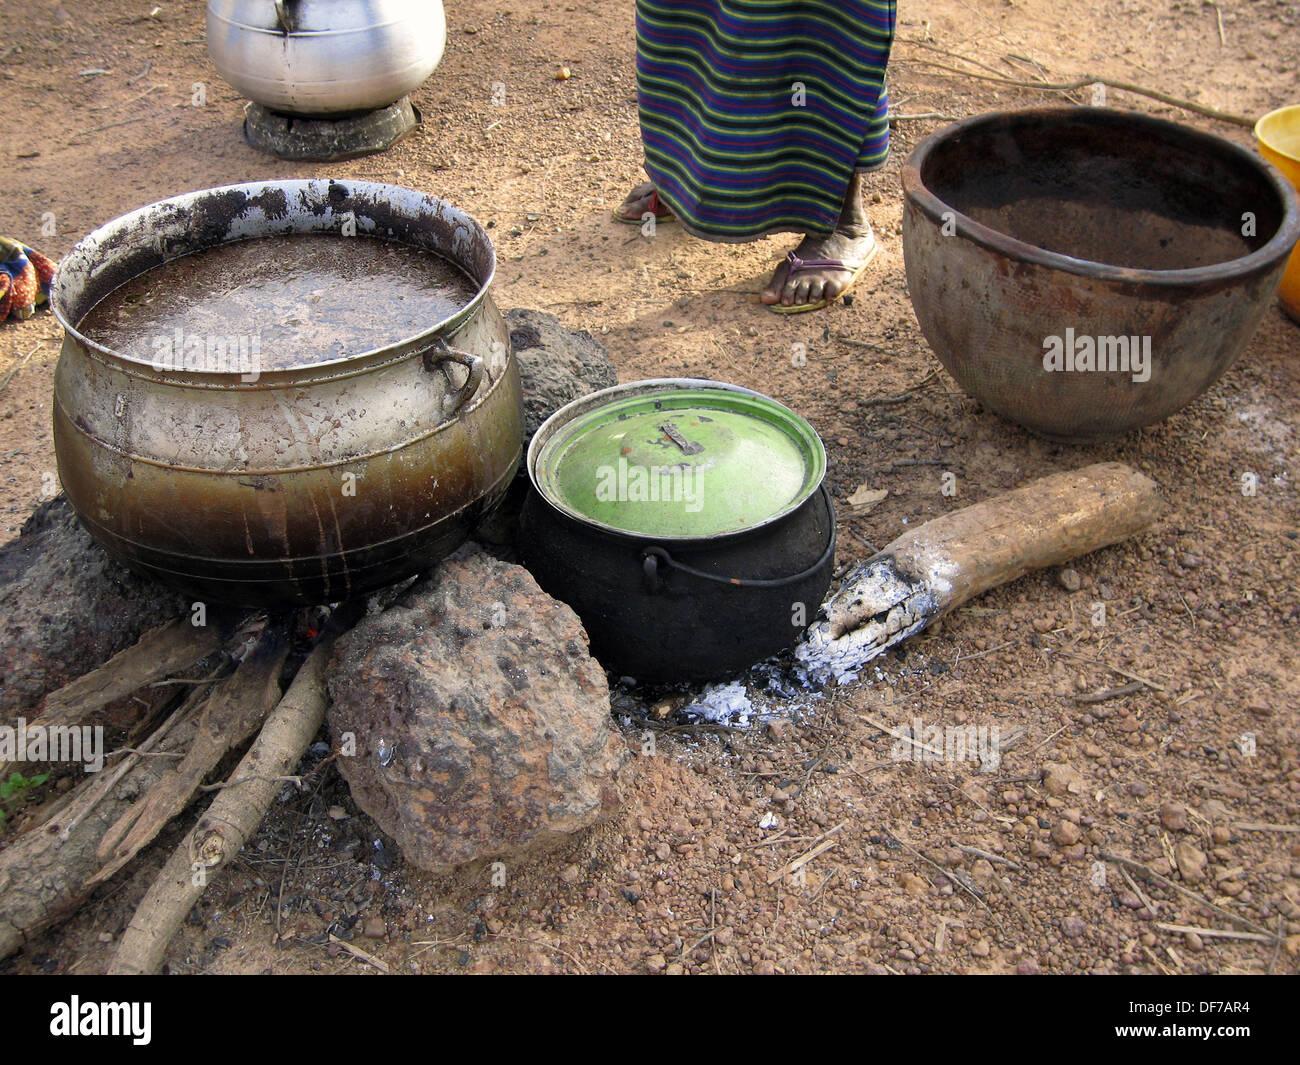 Utensilios de cocina en aldea Senufo. Región de Sikasso, Malí Foto de stock